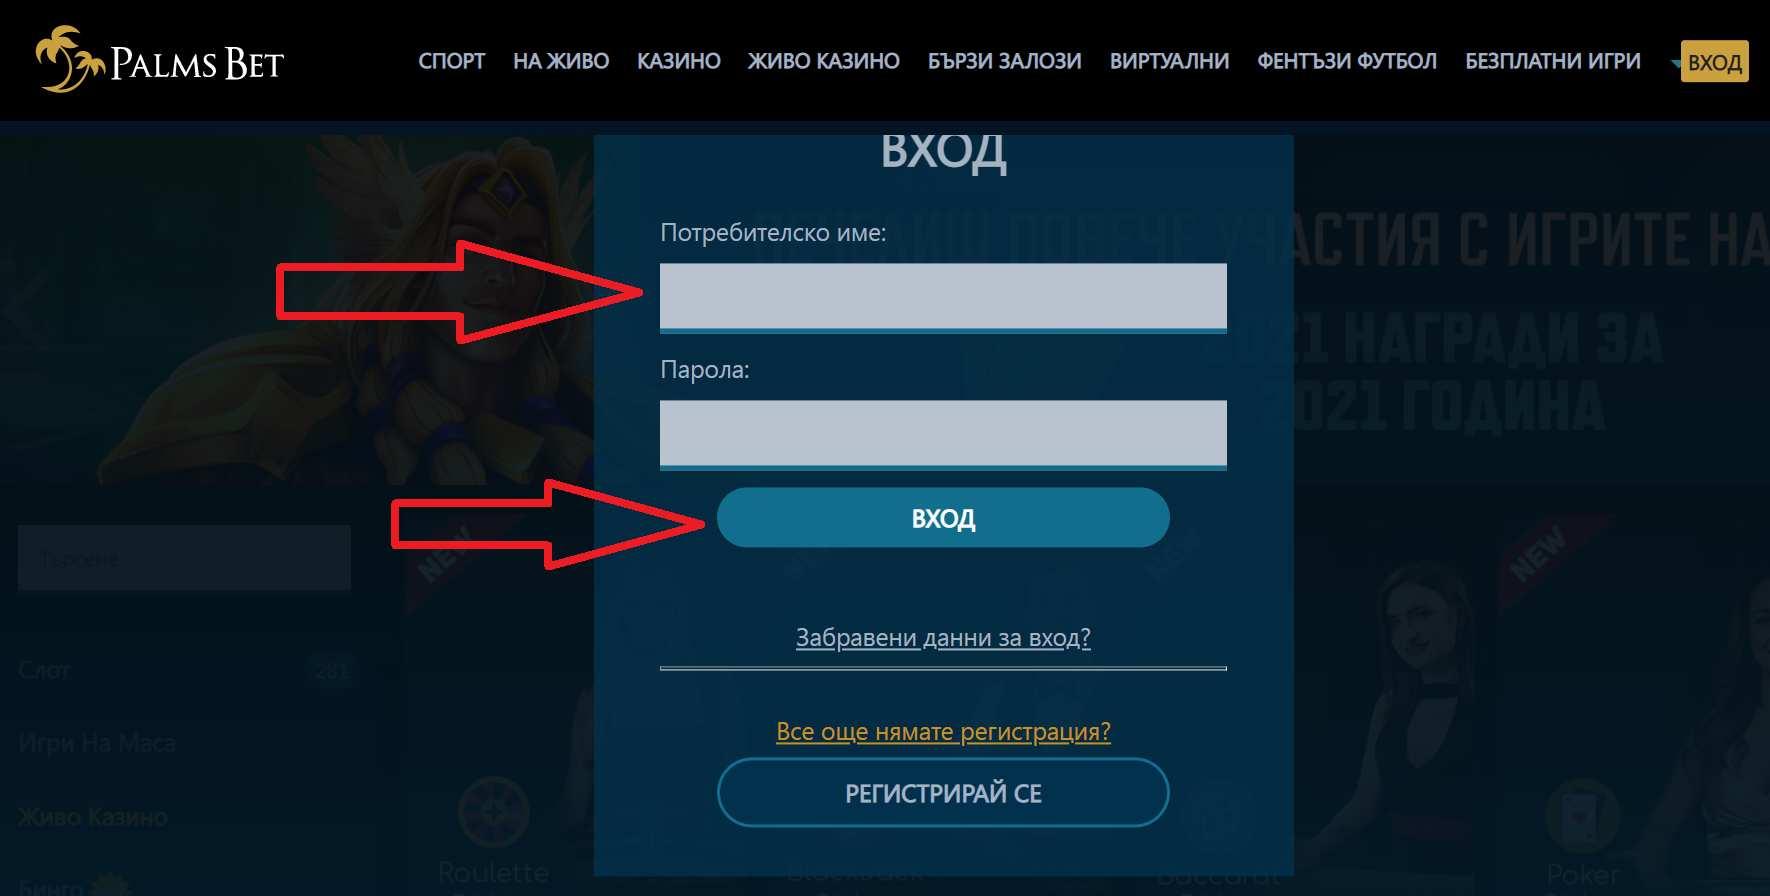 Как се прави регистрация в Palms Bet online?